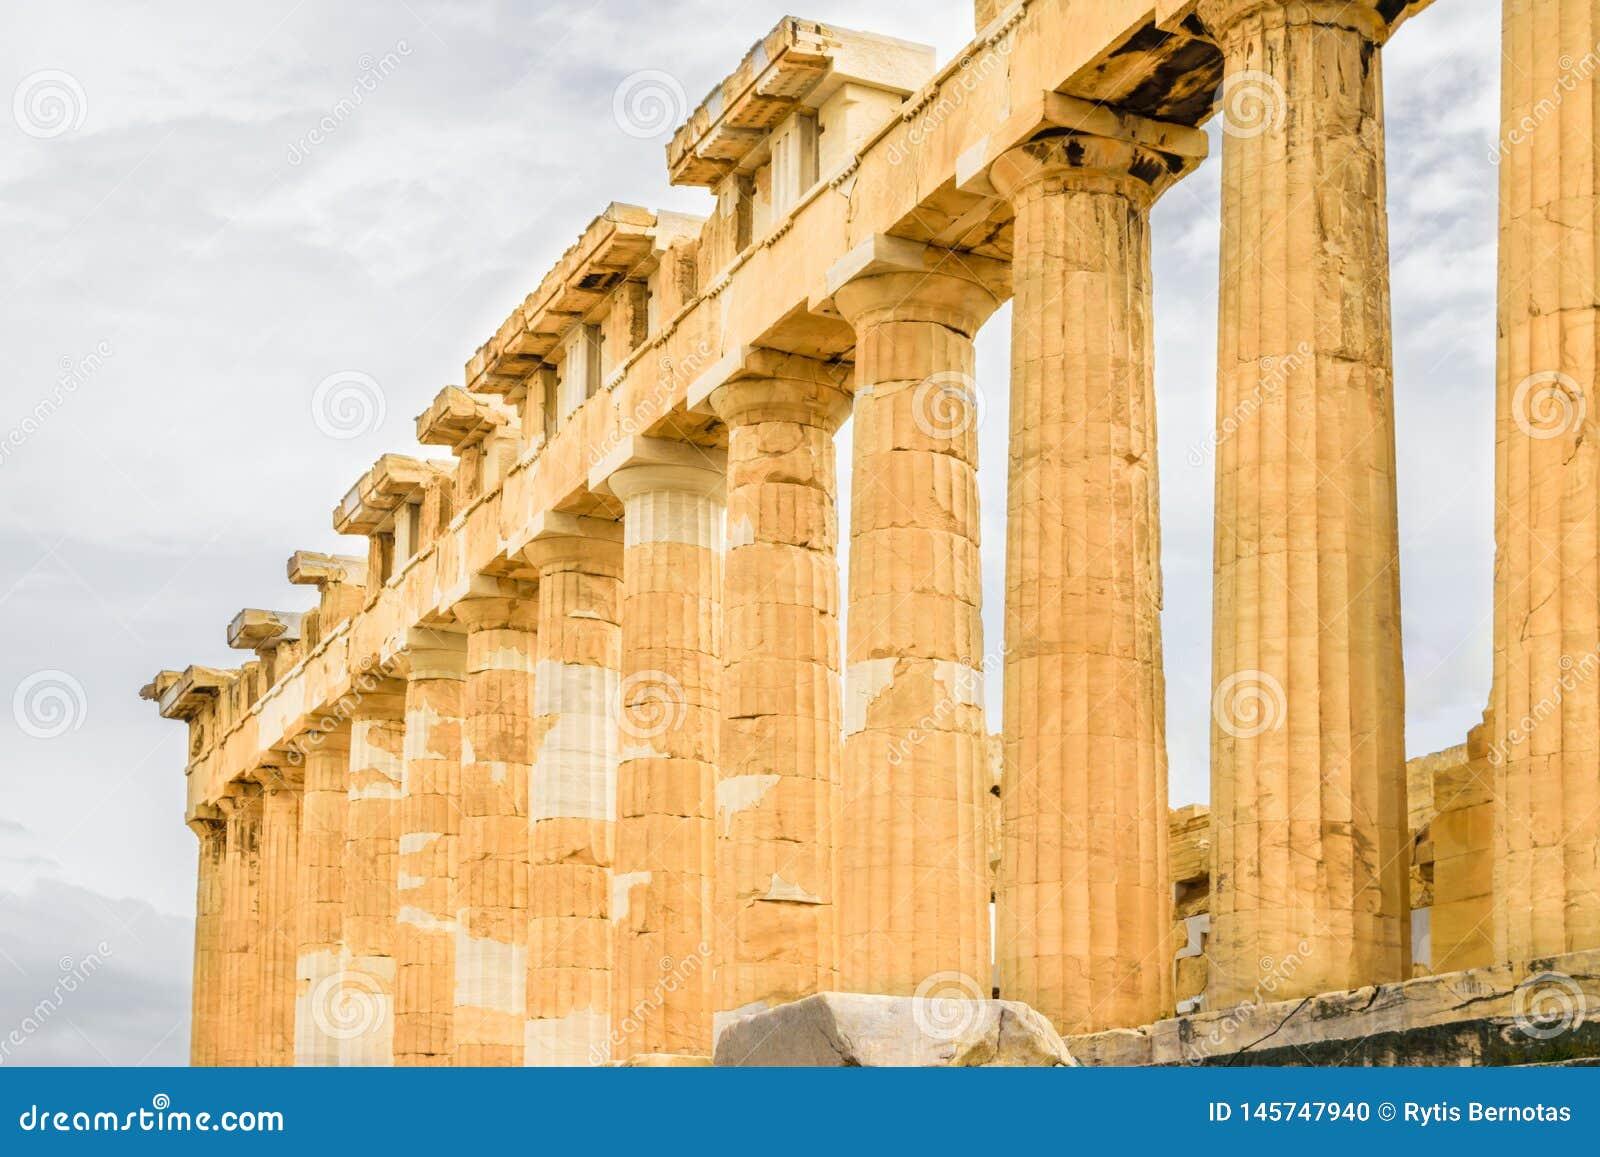 Πλάγια όψη των στυλοβατών Parthenon στην ακρόπολη